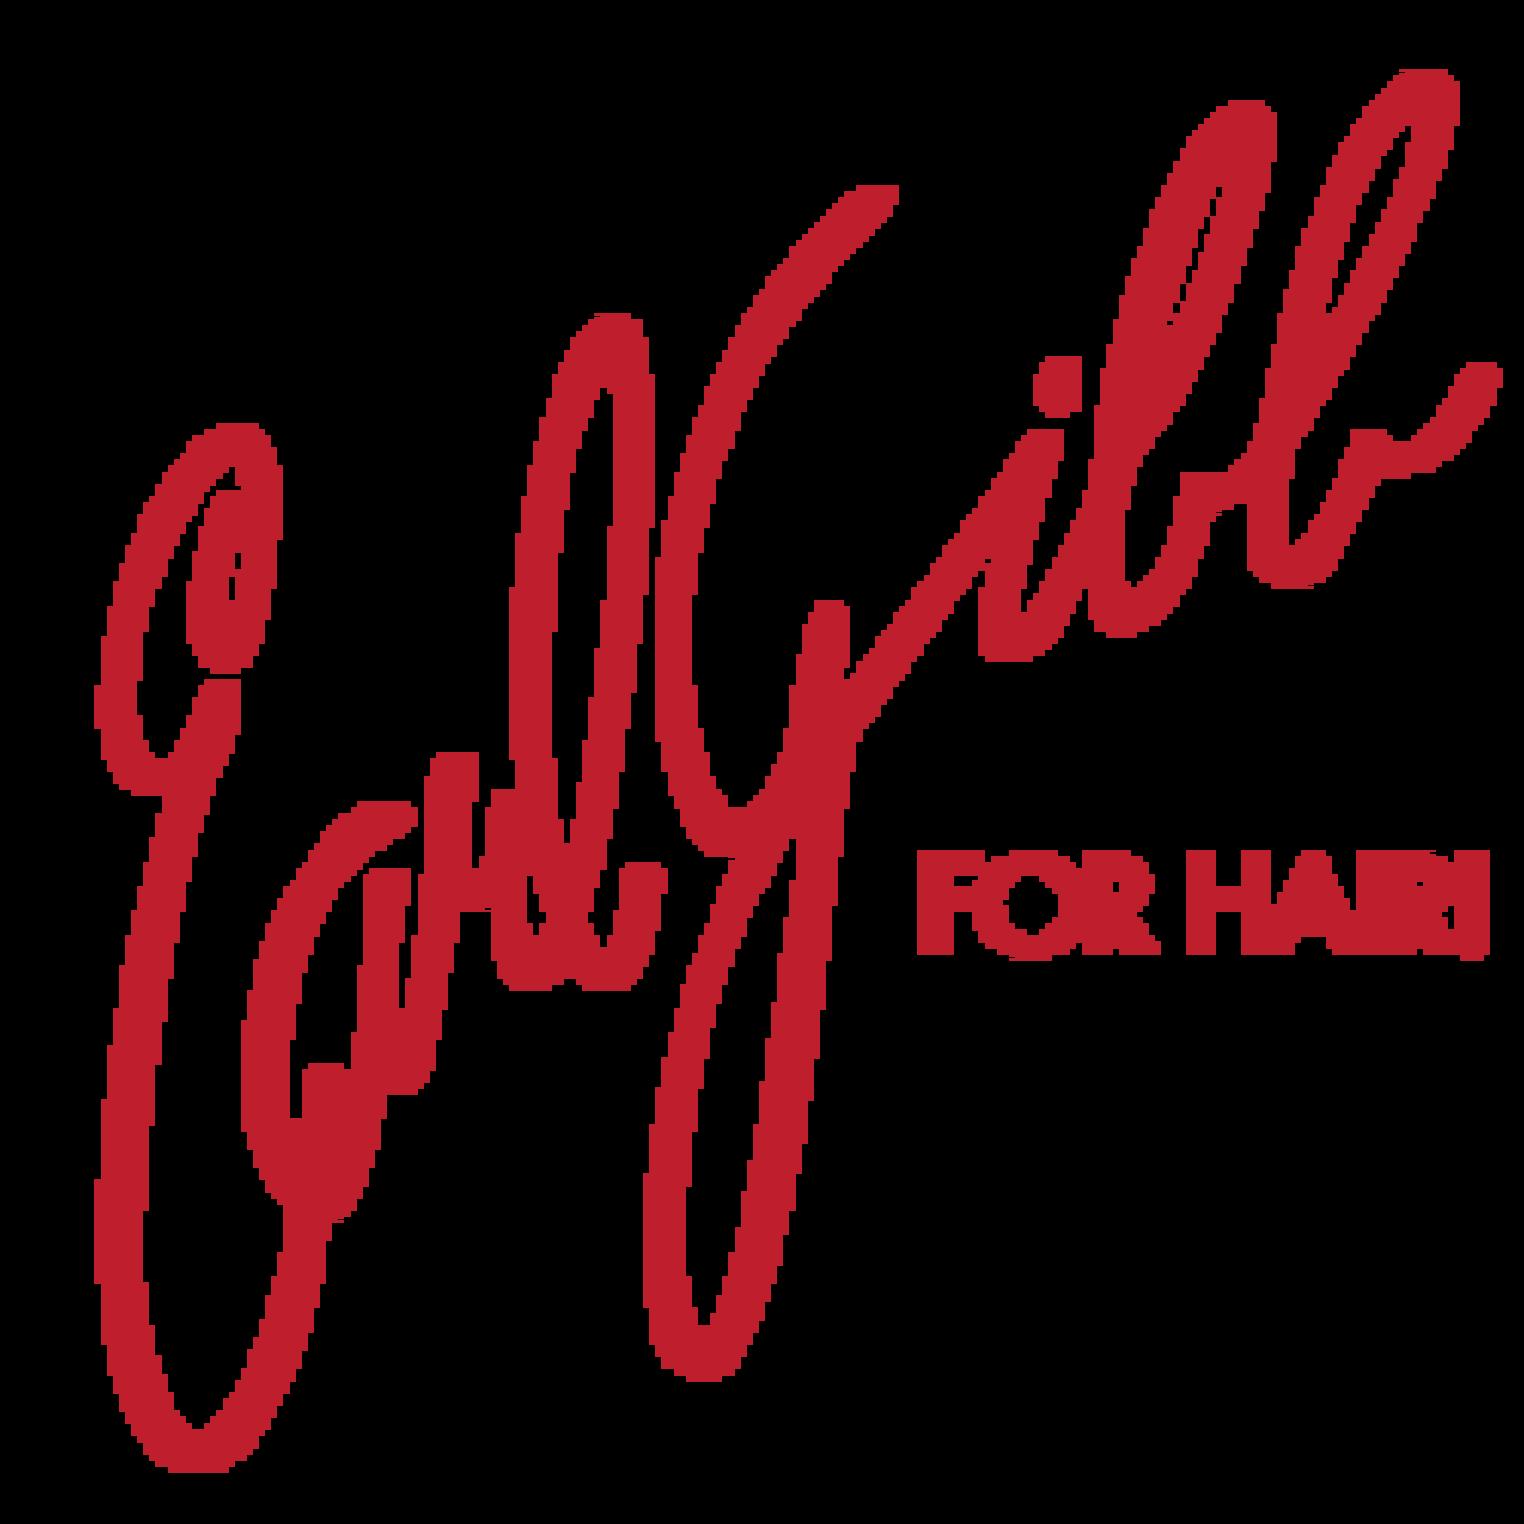 Earl Gibb for Hair